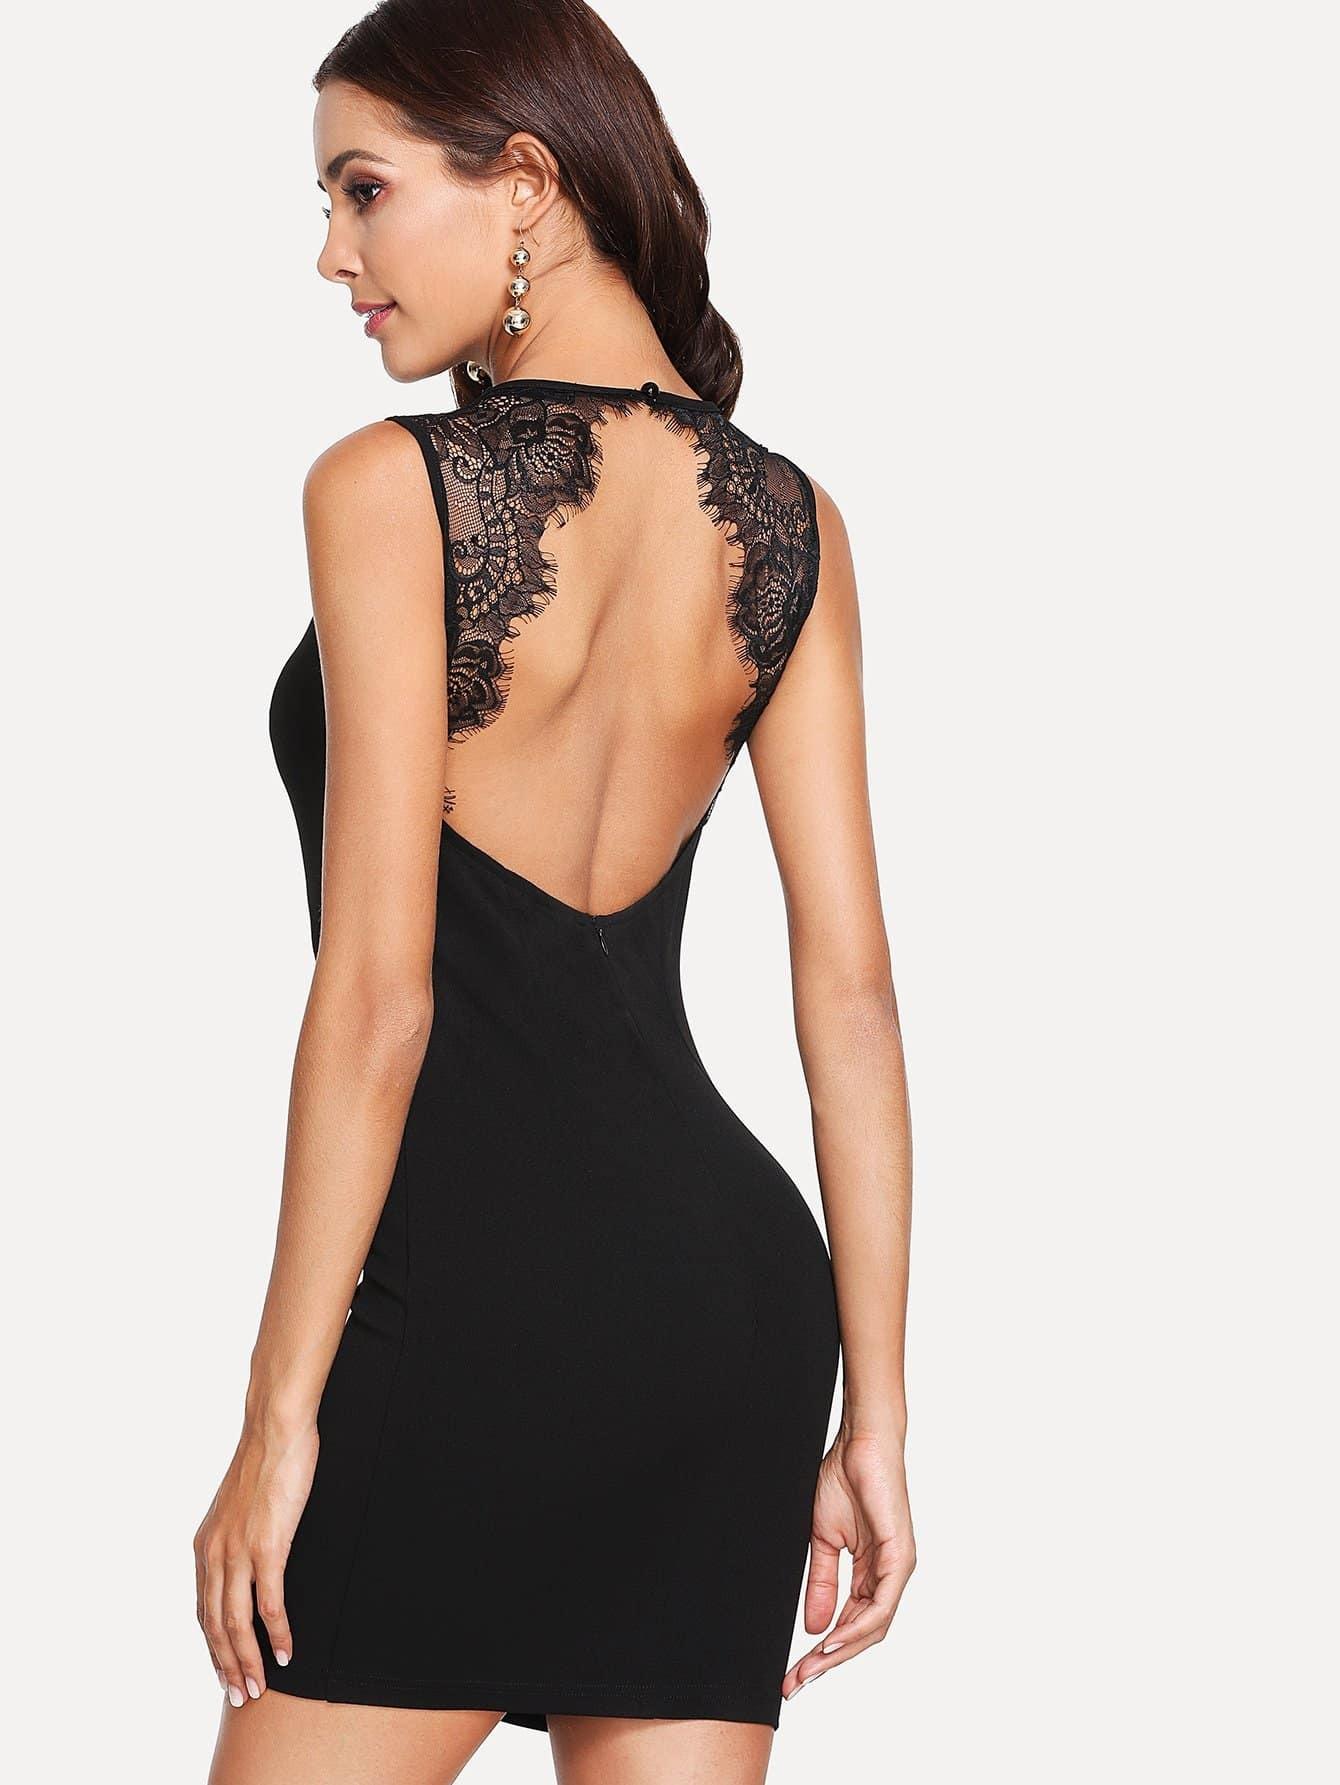 Open Back Scallop Eyelash Lace Trim Dress crisscross open back scallop trim bodysuit